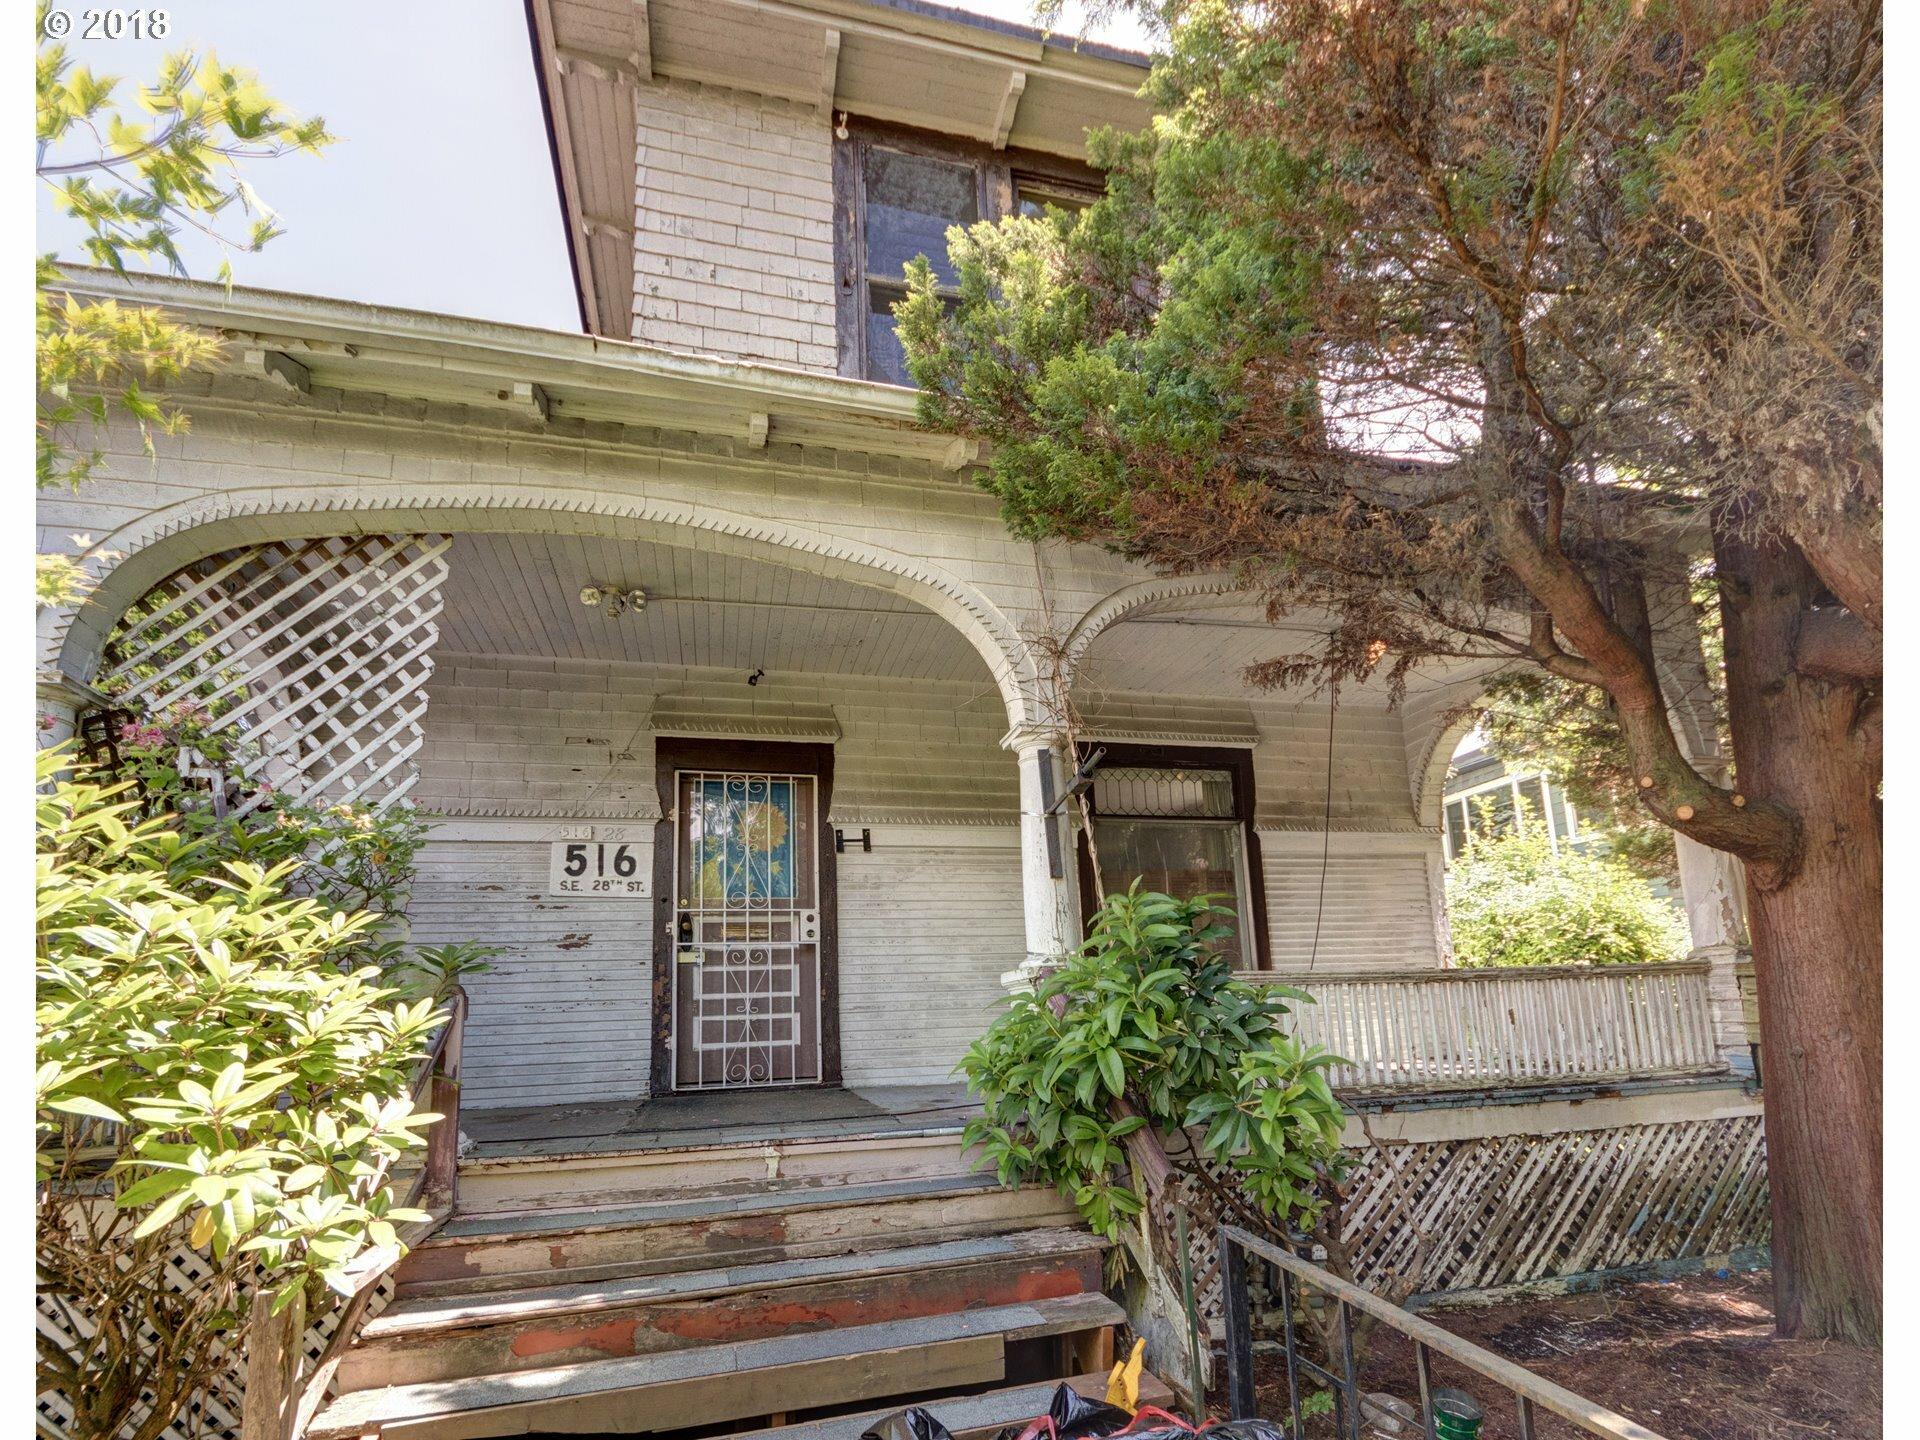 516 Se 28th Ave, Portland, OR - USA (photo 1)